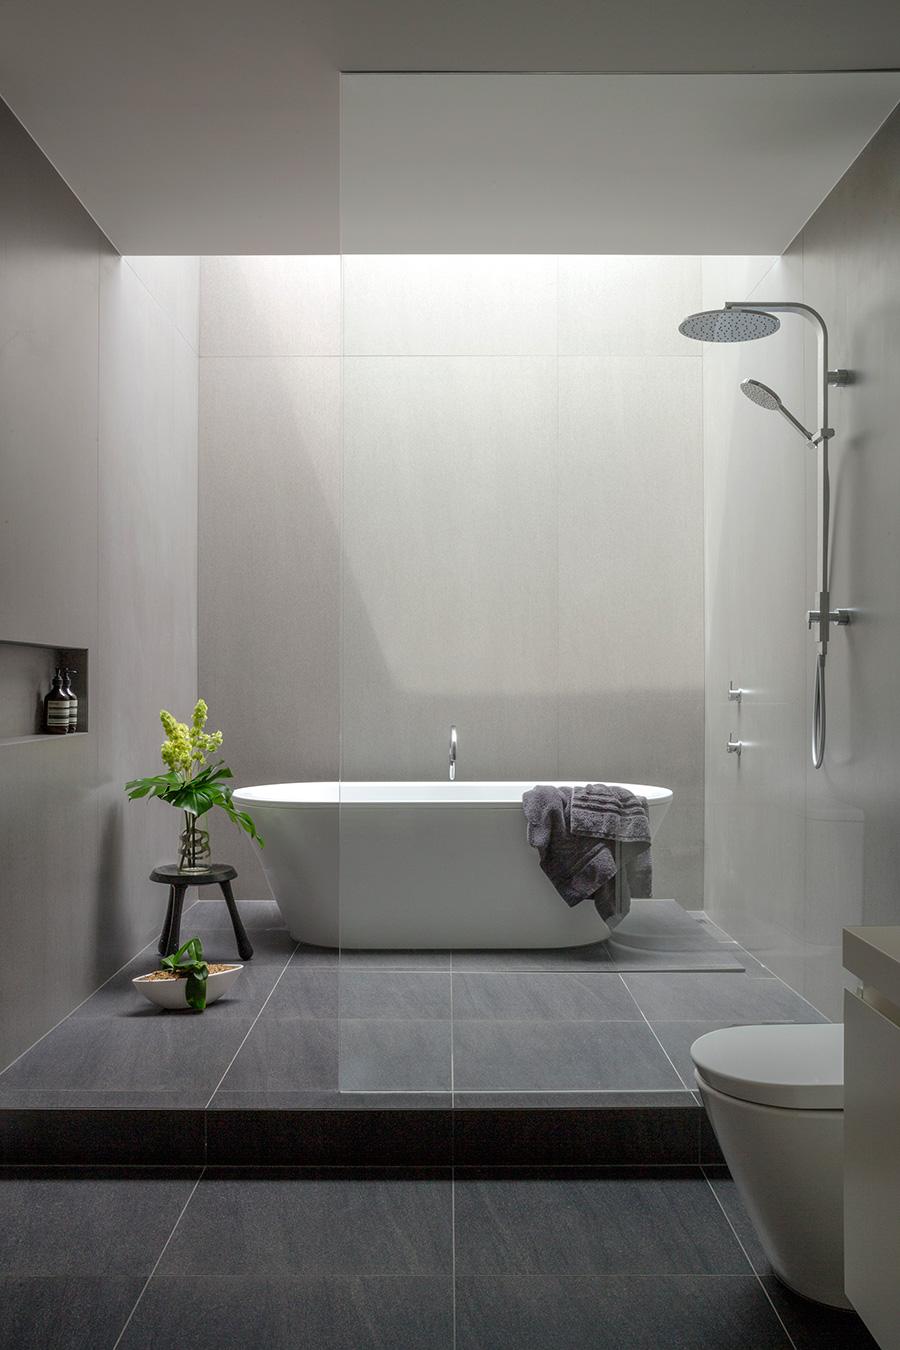 дизайнерских идей дизайнерских идей 10 дизайнерских идей, которые наверняка улучшат качество Вашей жизни Lubelso Armadale Bathroom